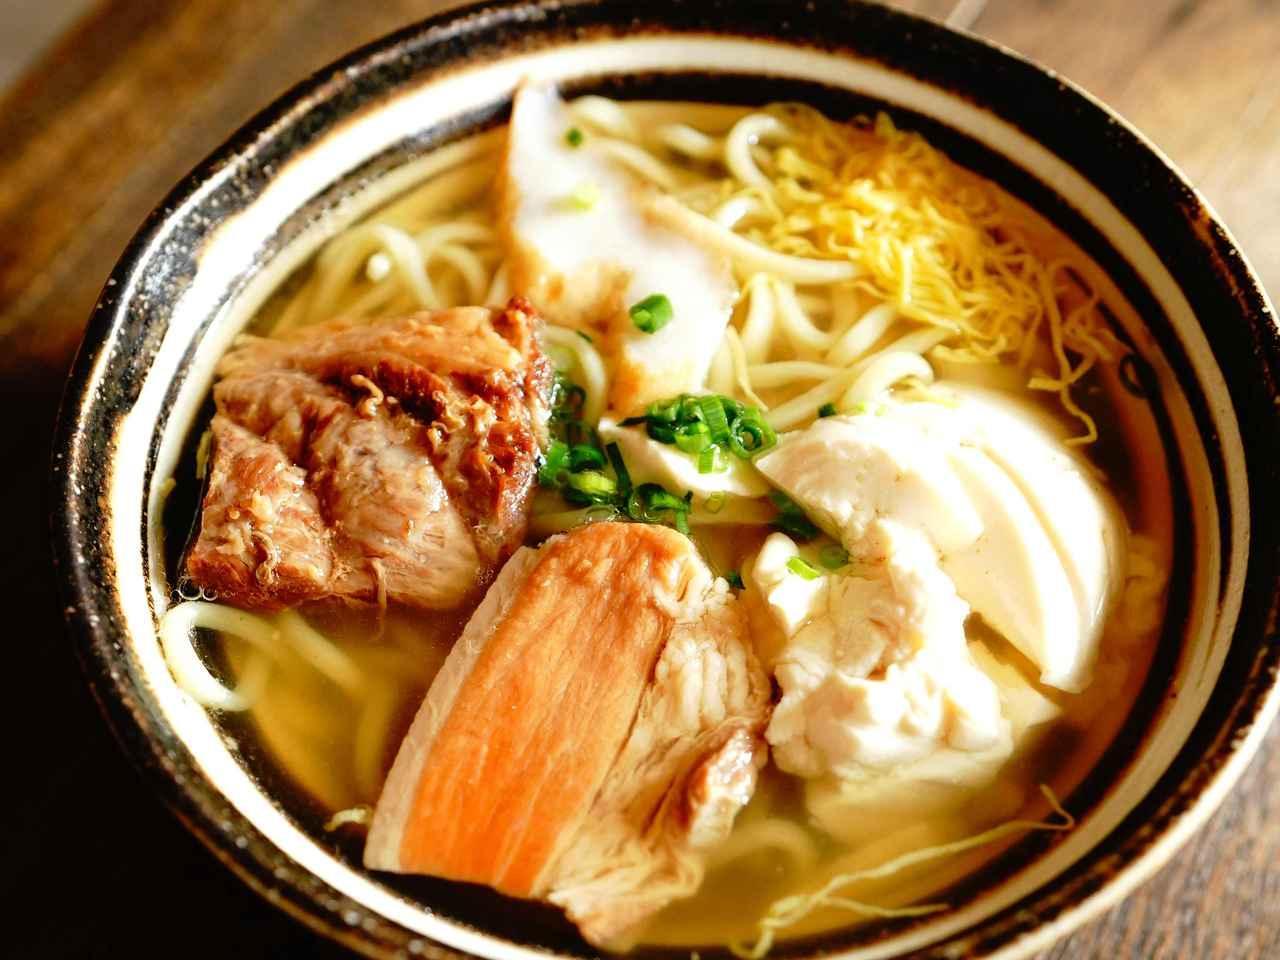 画像: 「伊良部そば かめ」つるつるの自家製麺となまり節を使った出汁が絶品。沖縄特有の古民家を使った食堂